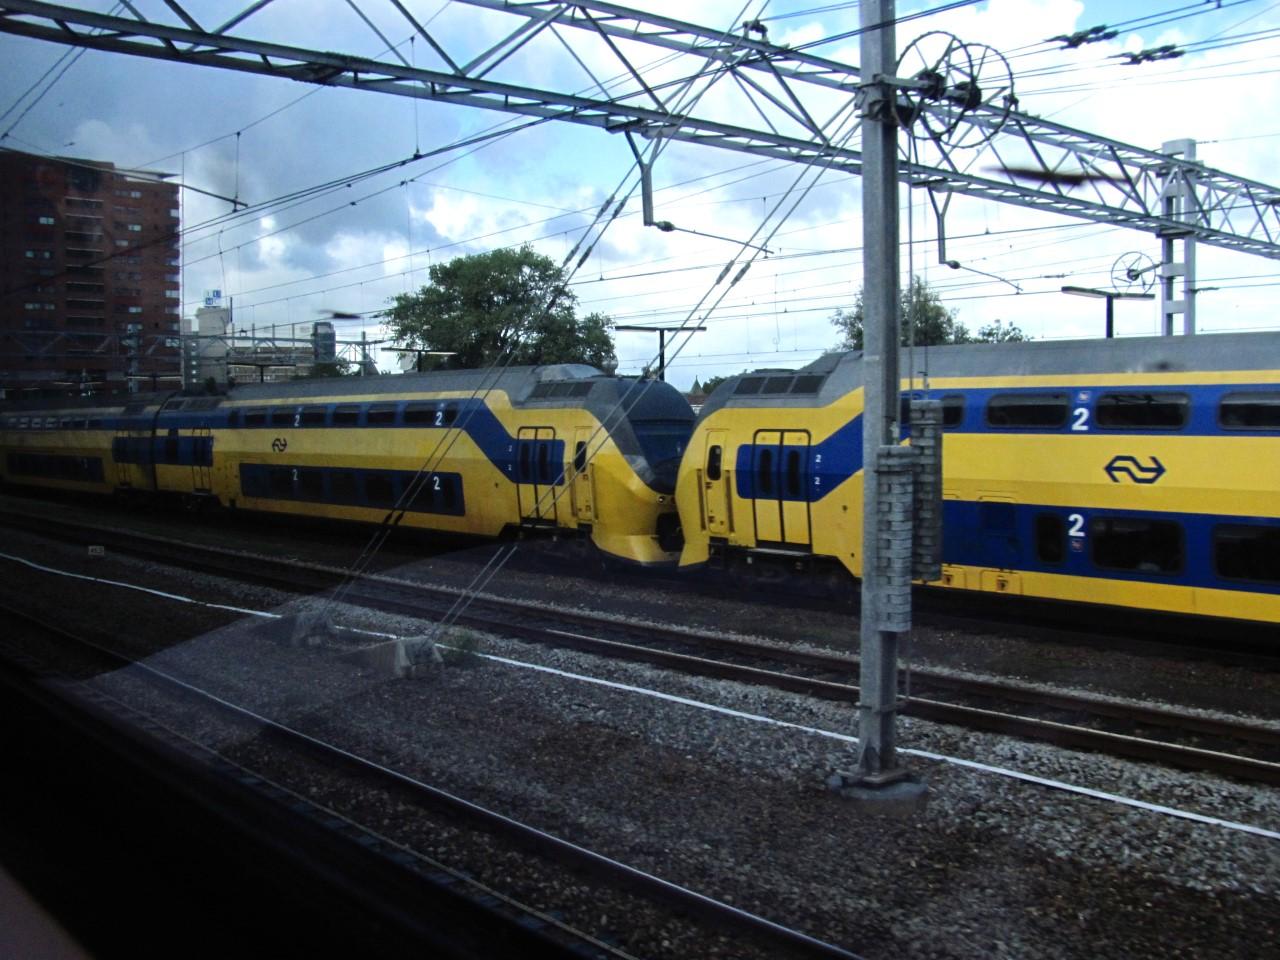 Így utaztunk Amszterdamba, sose láttam még előtte emeletes vonatot